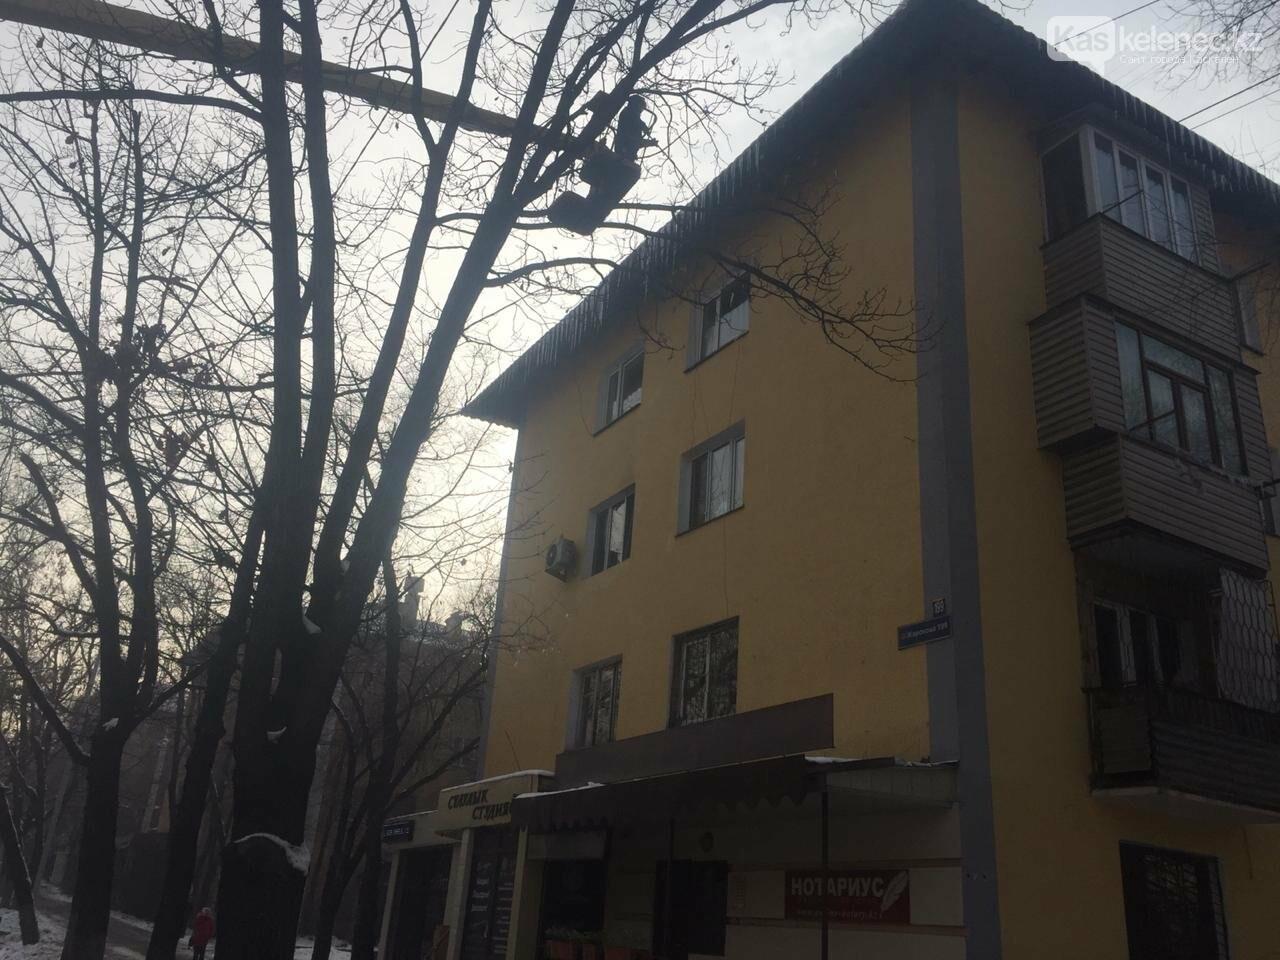 133 КСК Алматы привлечены к административной ответственности, фото-2